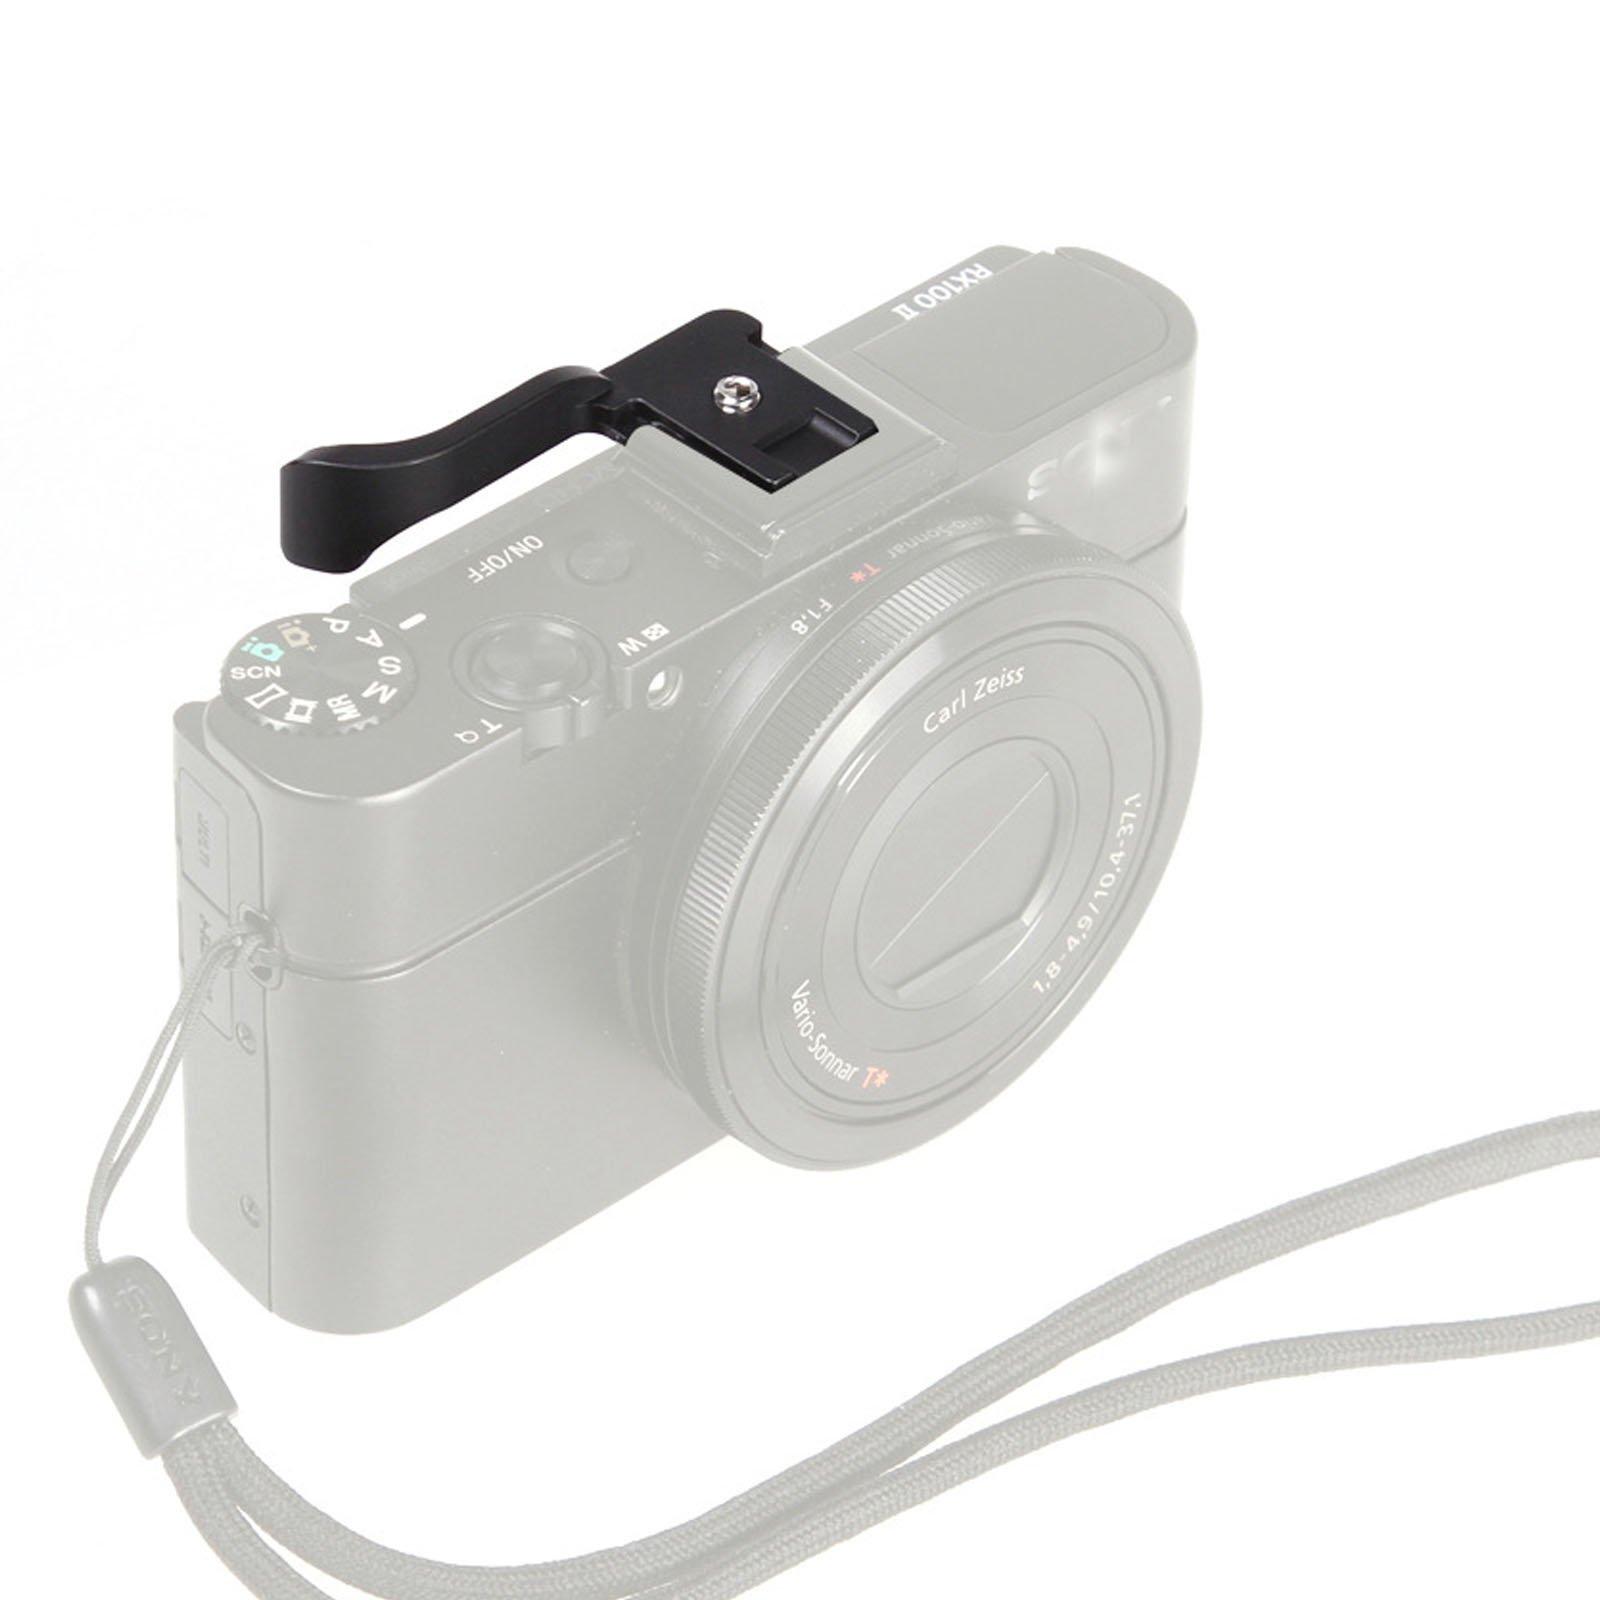 Black Thumb Up Grip For Fujifilm Fuji X10 X100 Panasonic